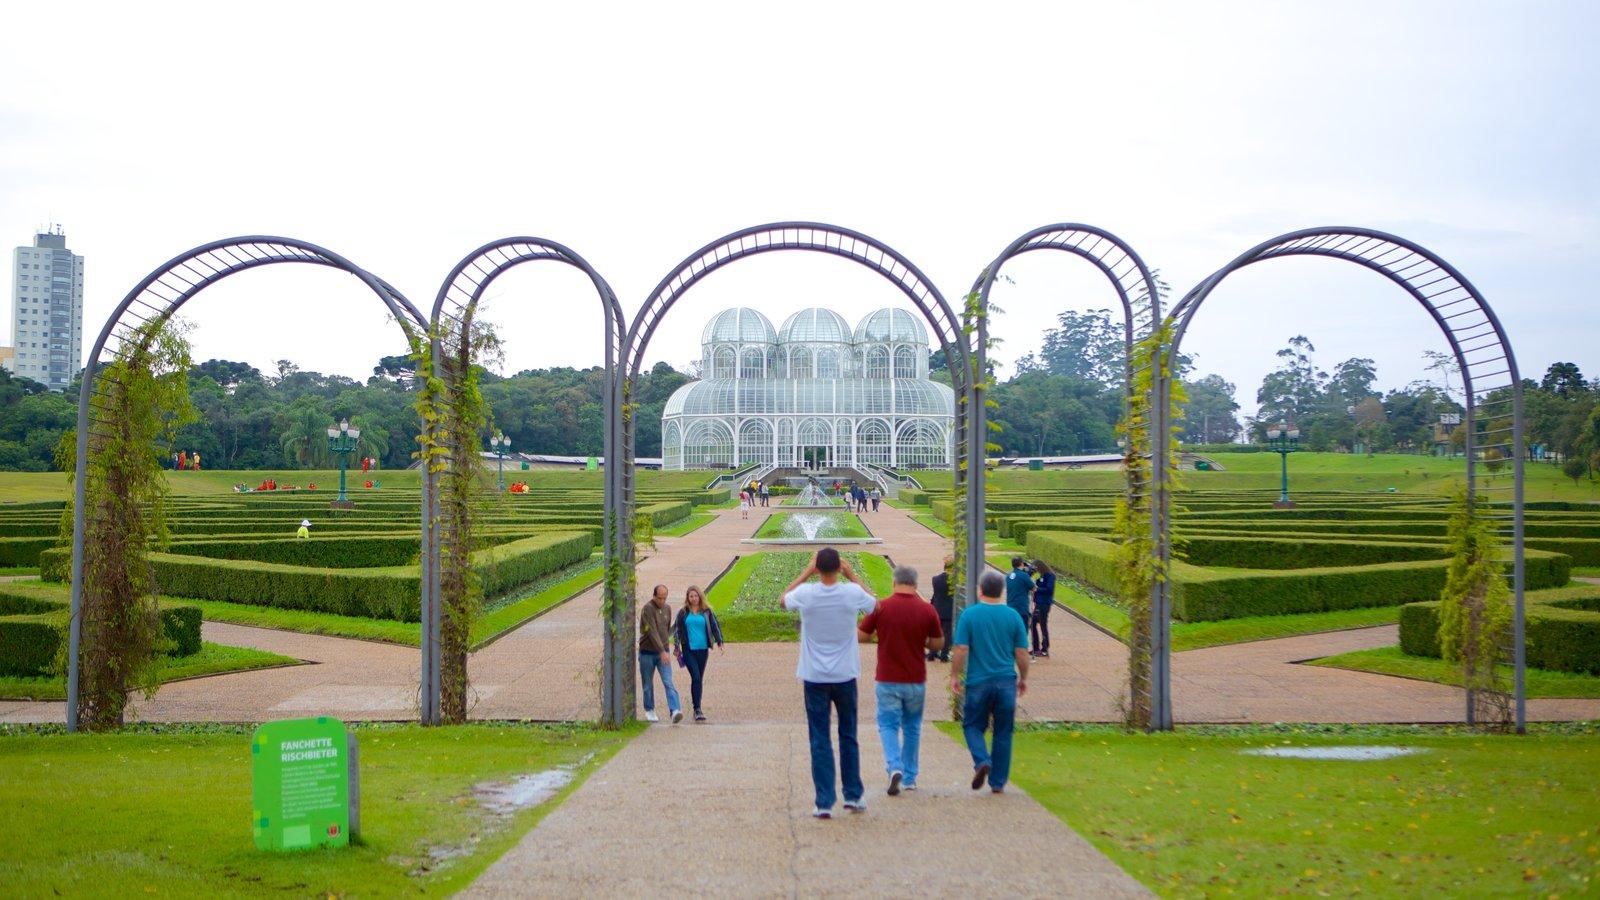 Parque Botânico de Curitiba caracterizando um parque e uma cidade assim como um pequeno grupo de pessoas